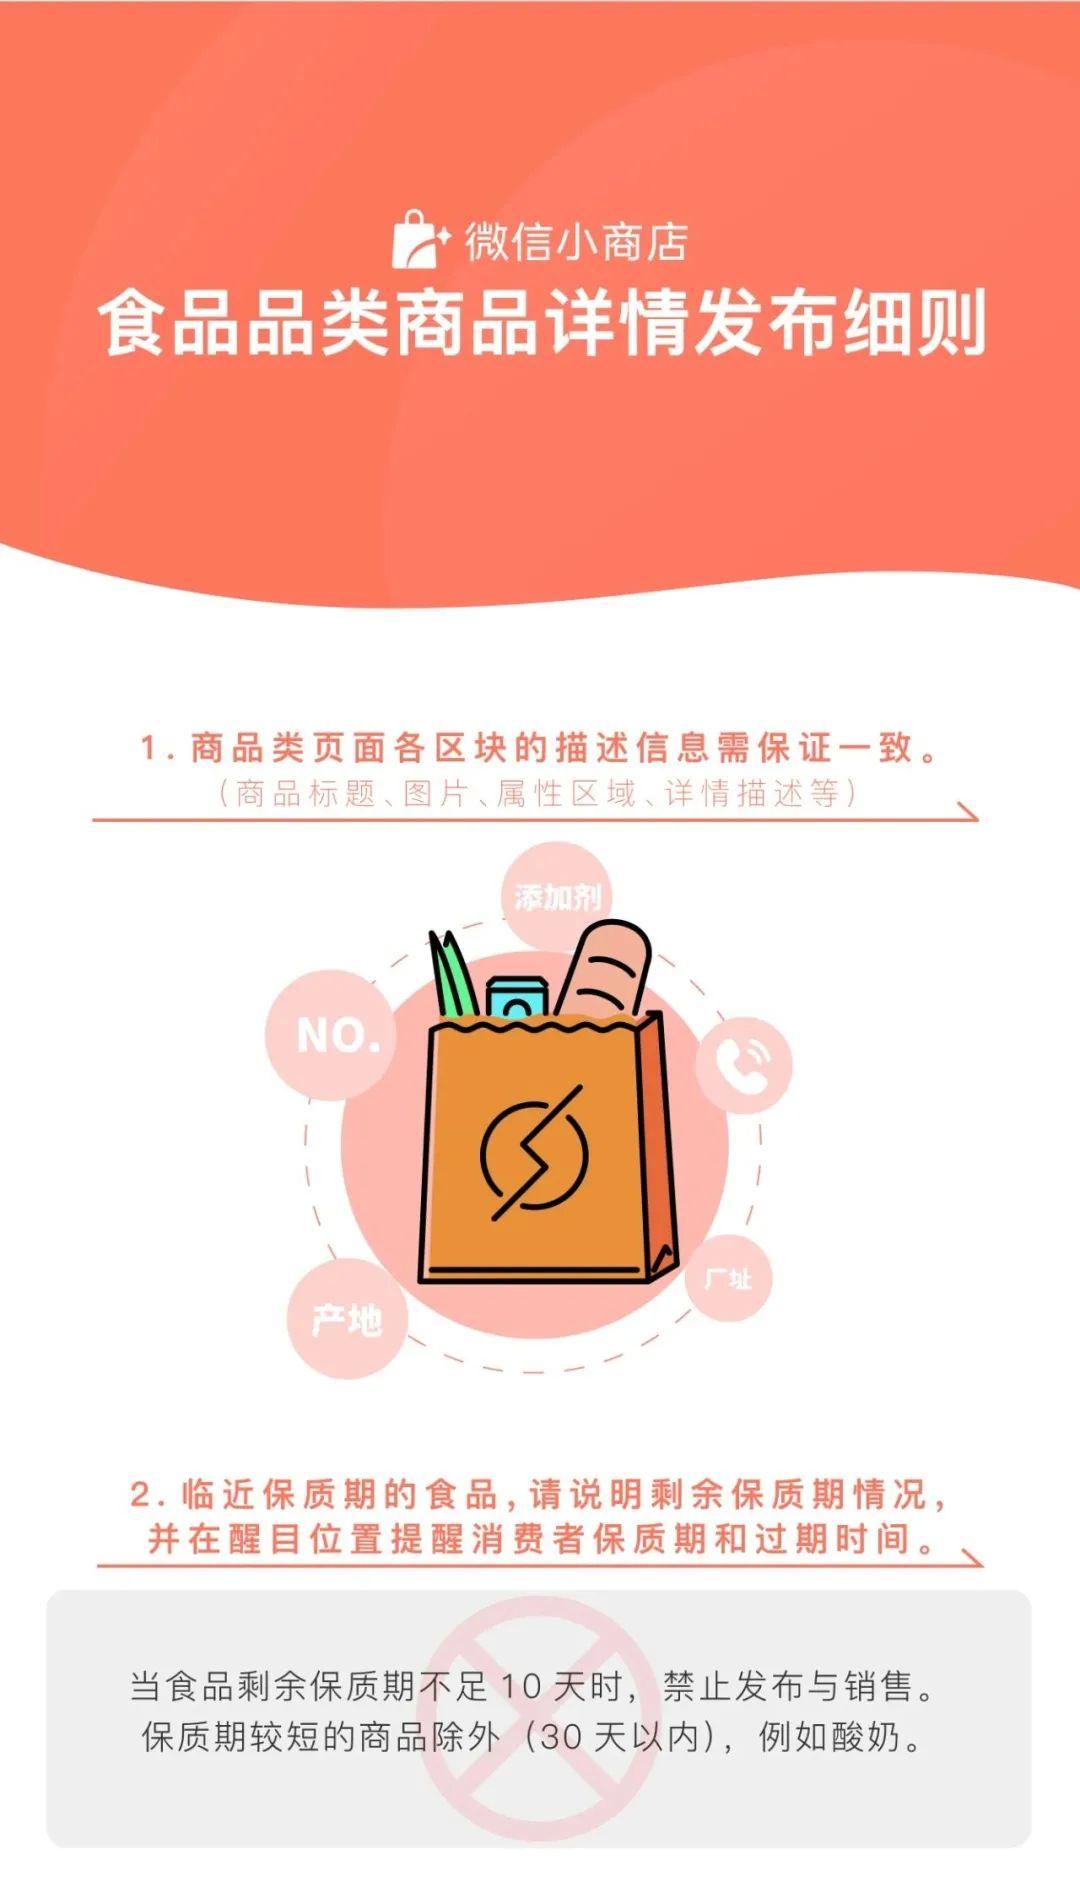 商品详情该怎么发布? | 微信小商店